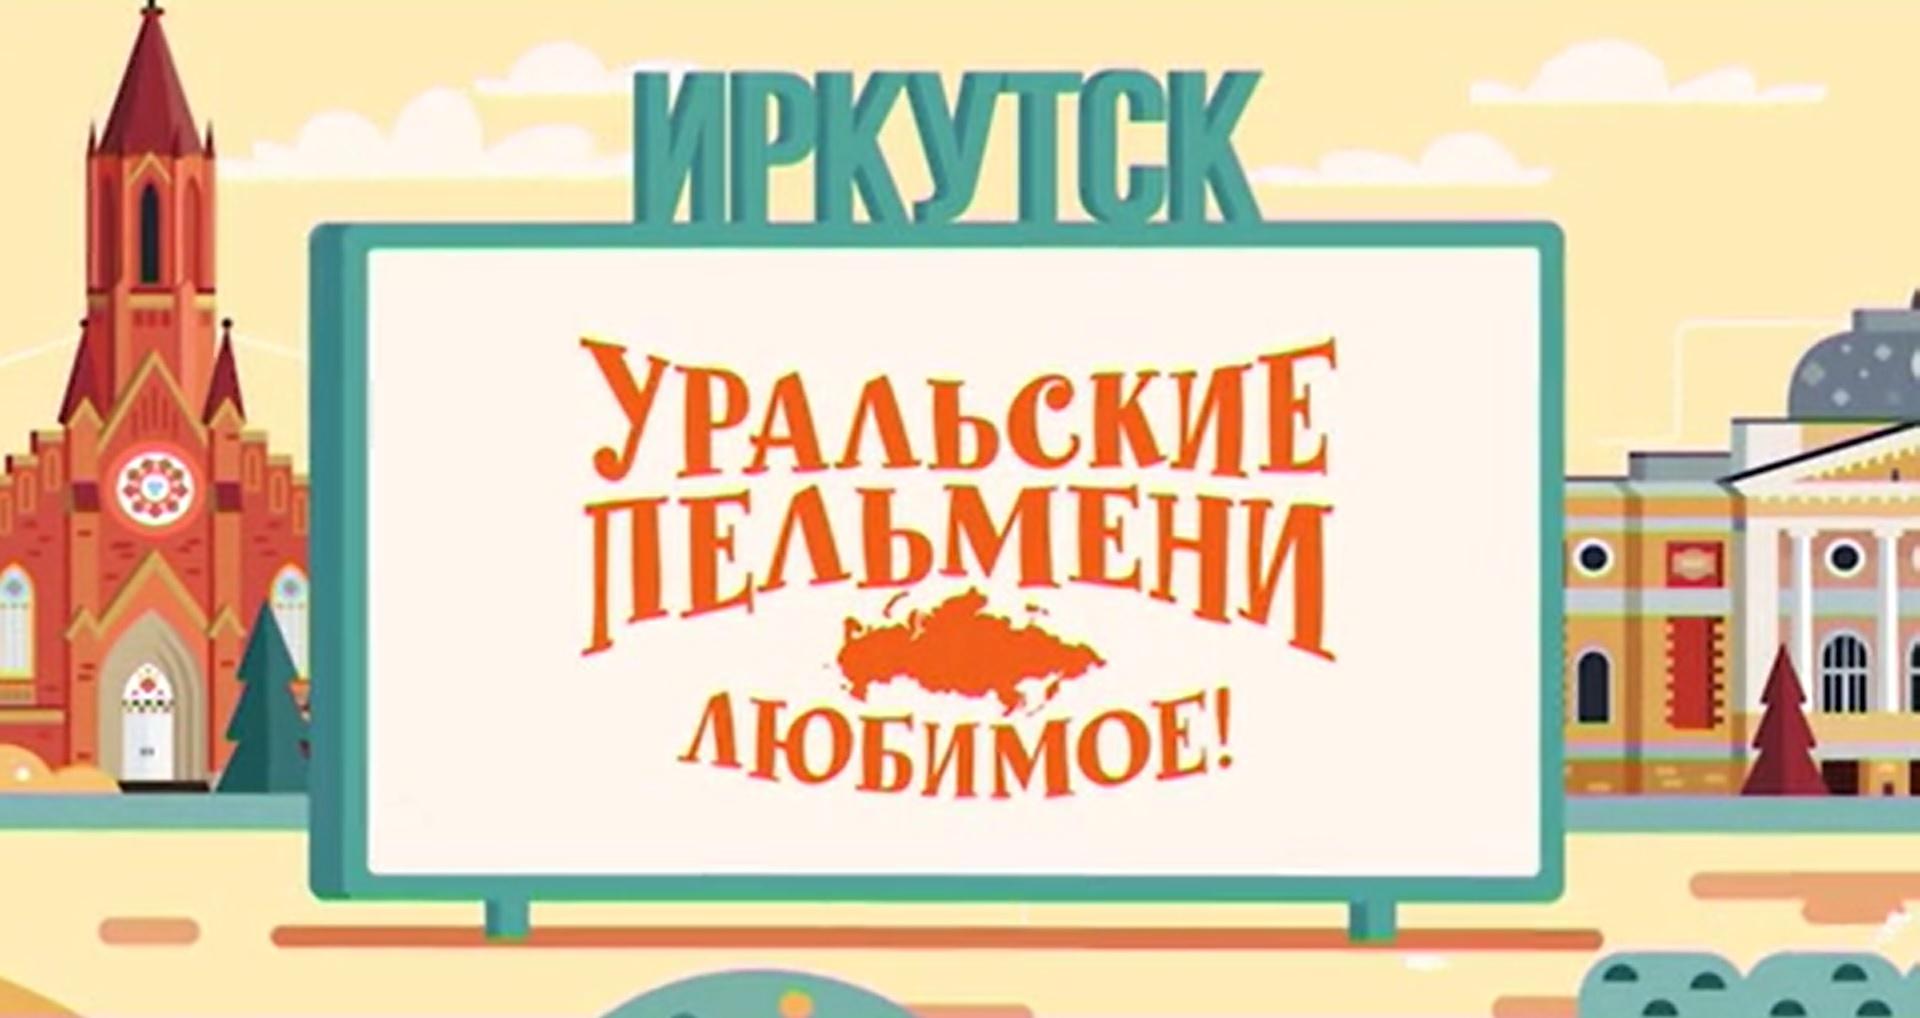 Творческий коллектив Уральские Пельмени Уральские пельмени. Любимое. Иркутск творческий коллектив уральские пельмени уральские пельмени любимое тюмень